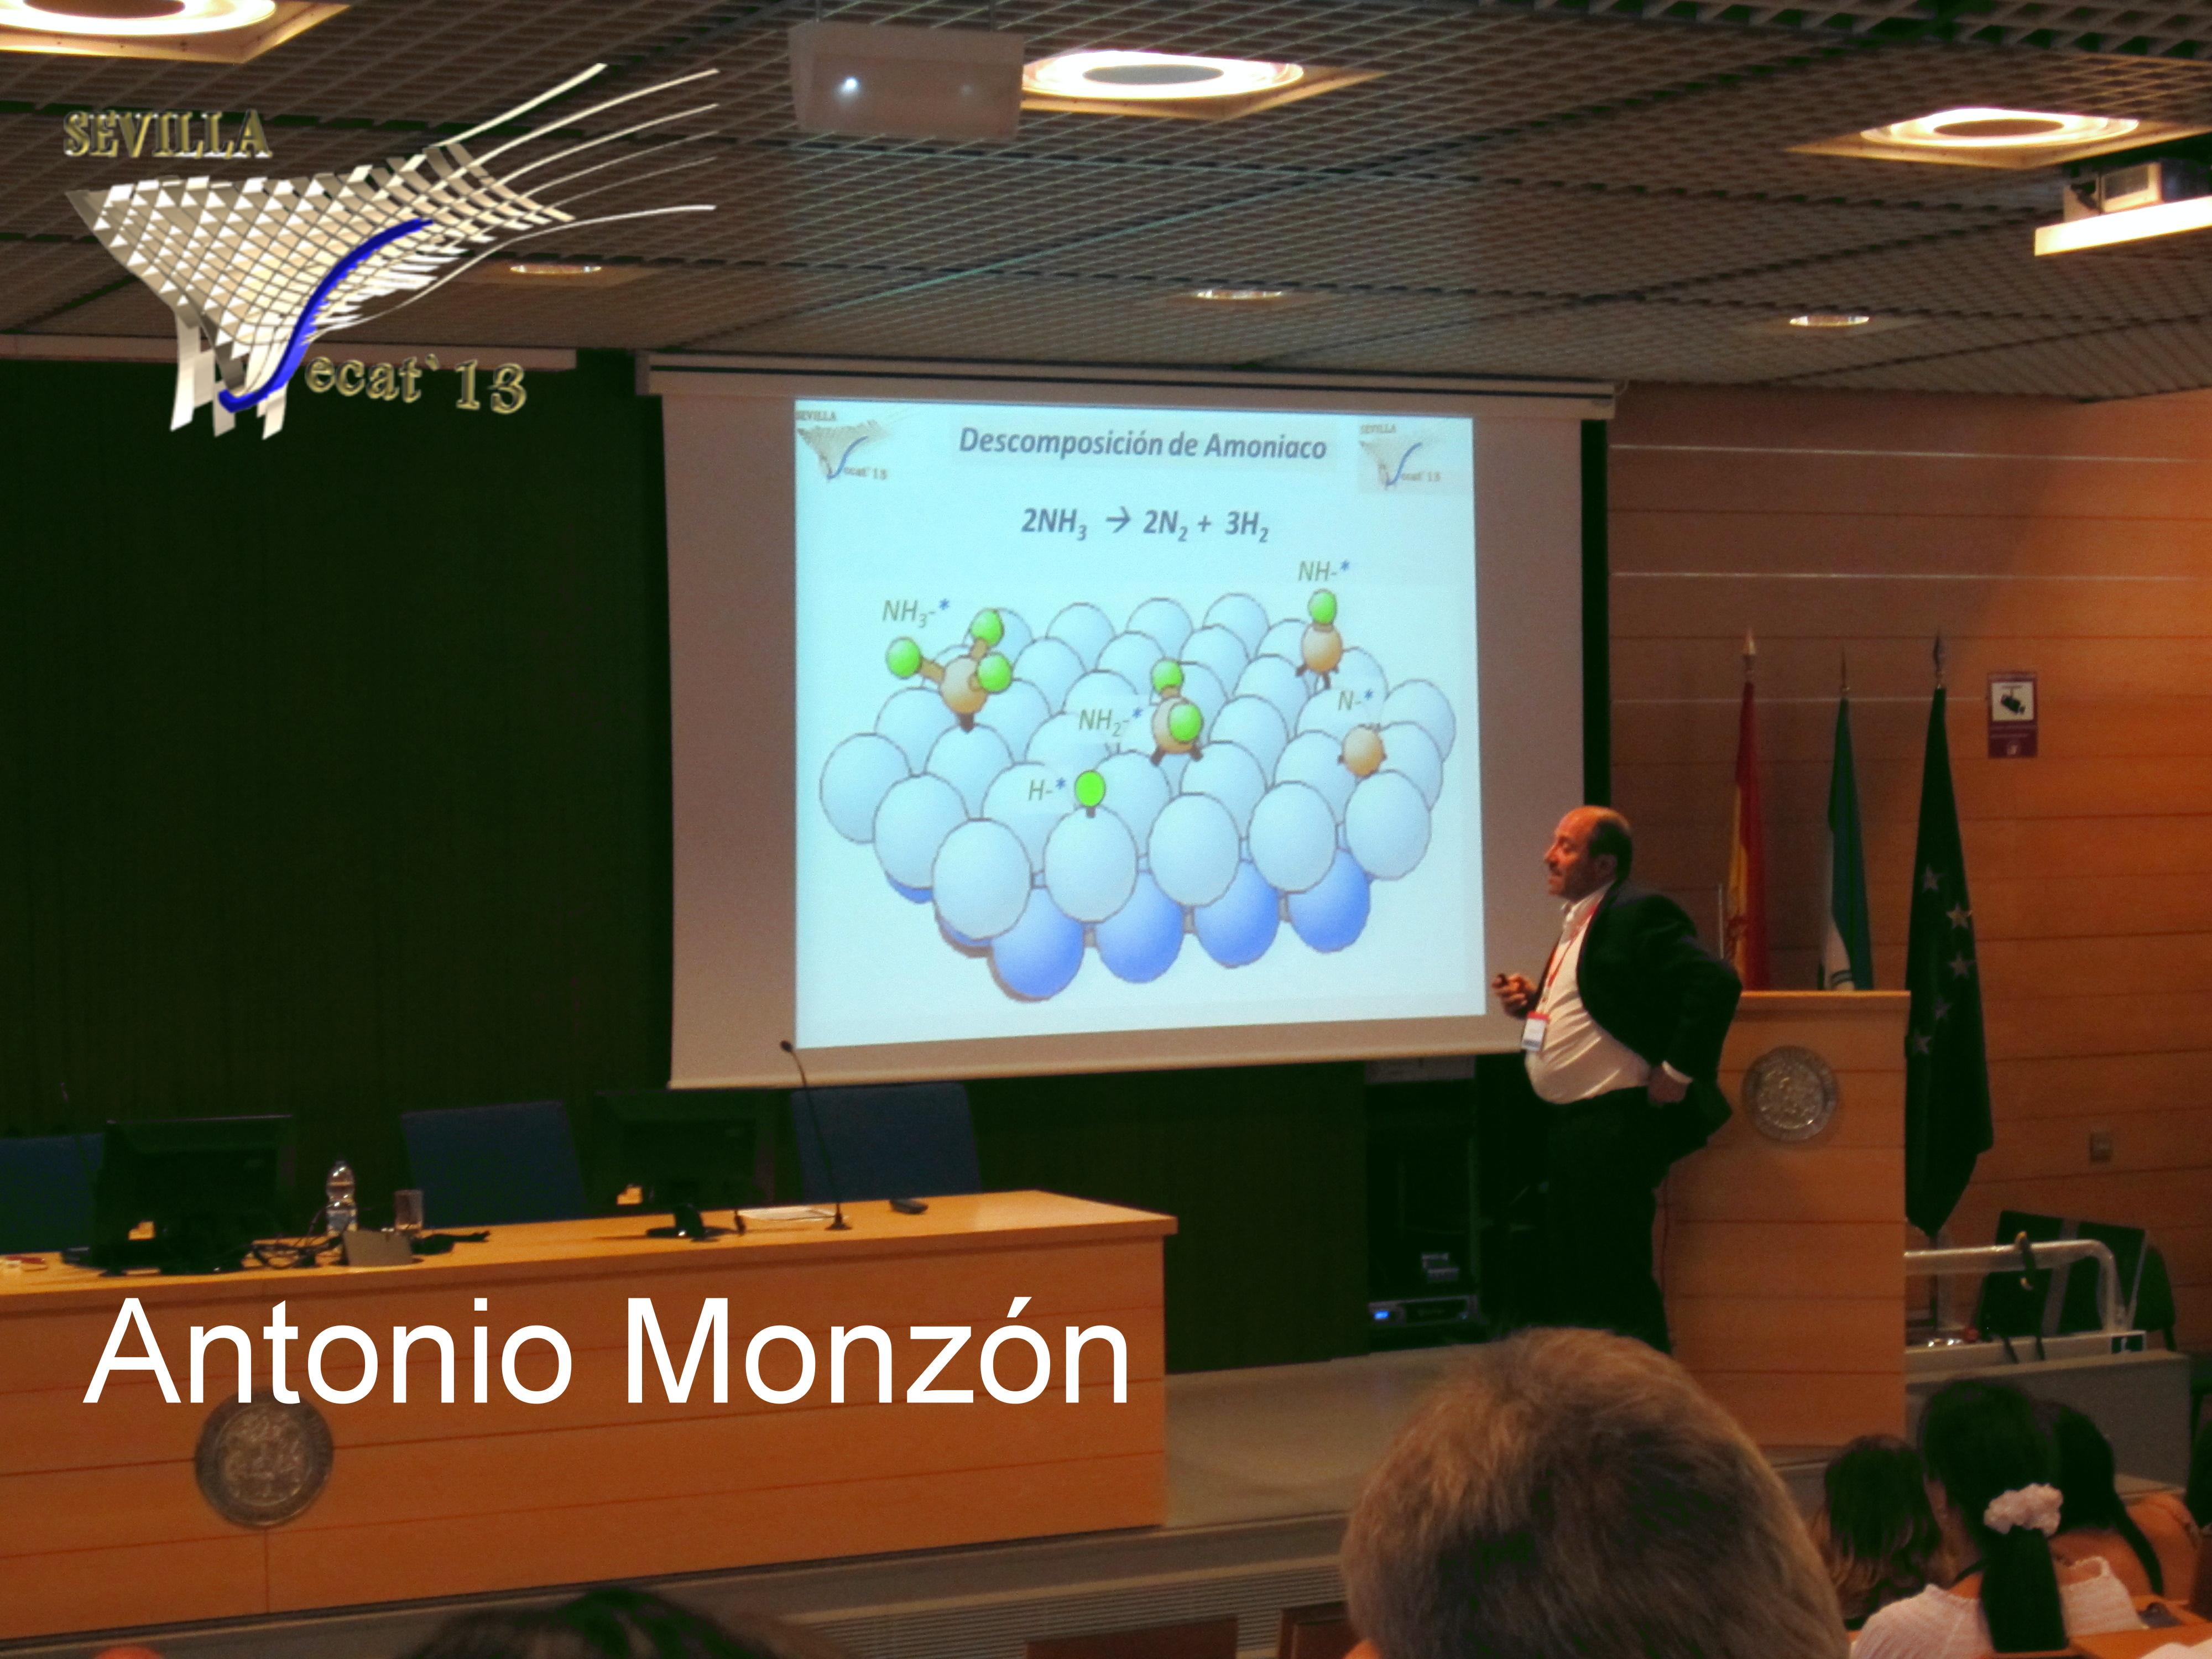 Antonio Monzon